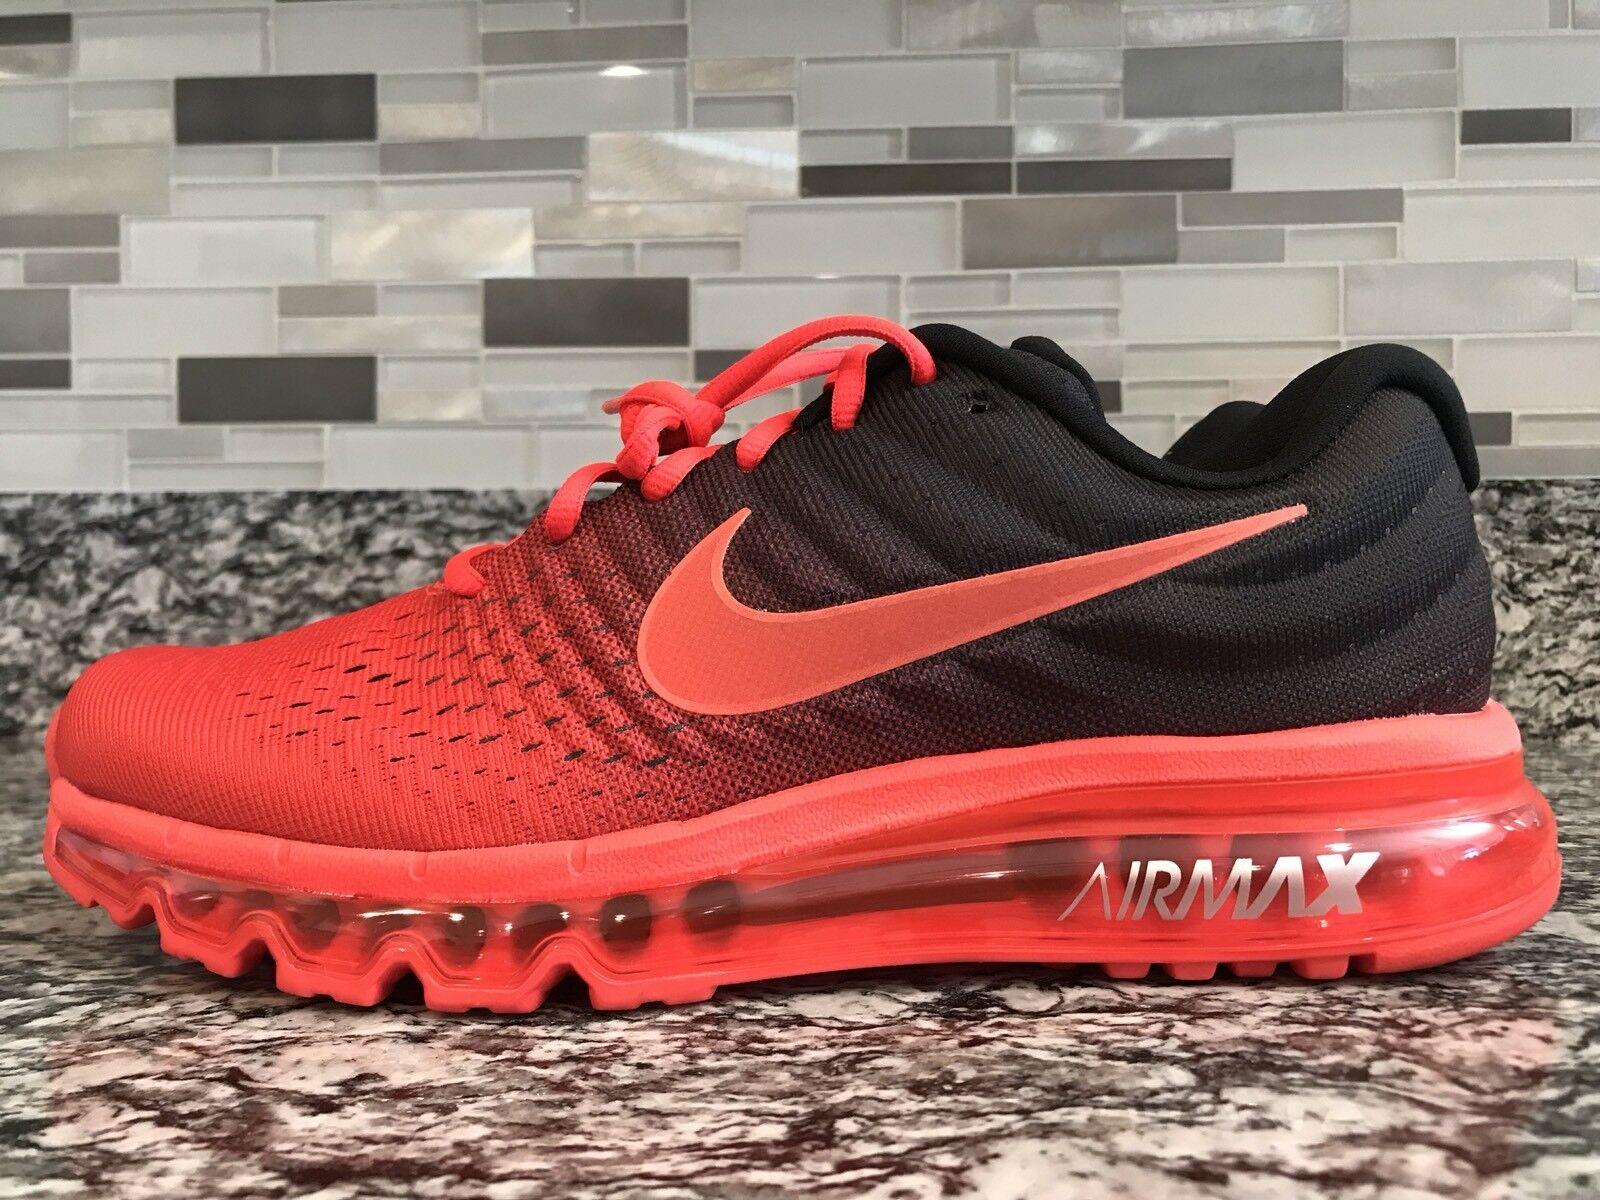 Brand New Nike Air Max 2017 Size 6.5 Bright Nero Crimson 849559-600 Uomo